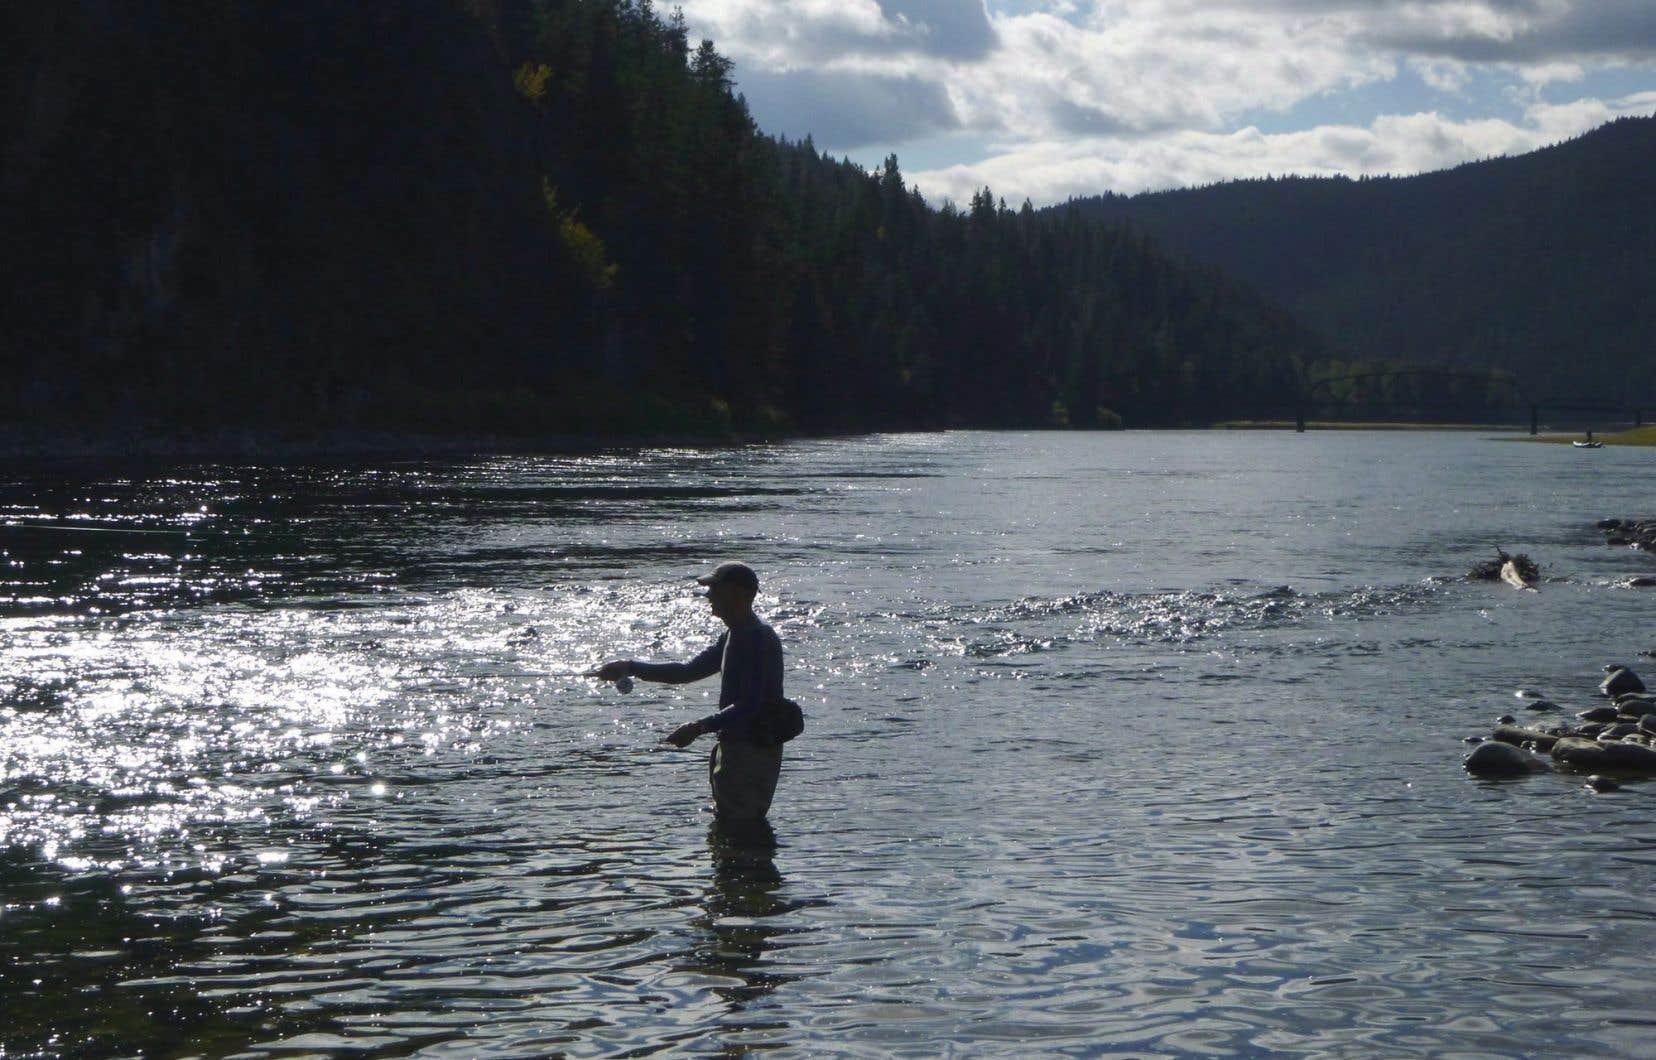 Un pêcheur à la mouche jette sa ligne sur la rivière Kootenai, en aval du réservoir Koocanusa au centre du conflit, près de la frontière entre le Montana et l'Idaho et à Leonia, en Idaho.